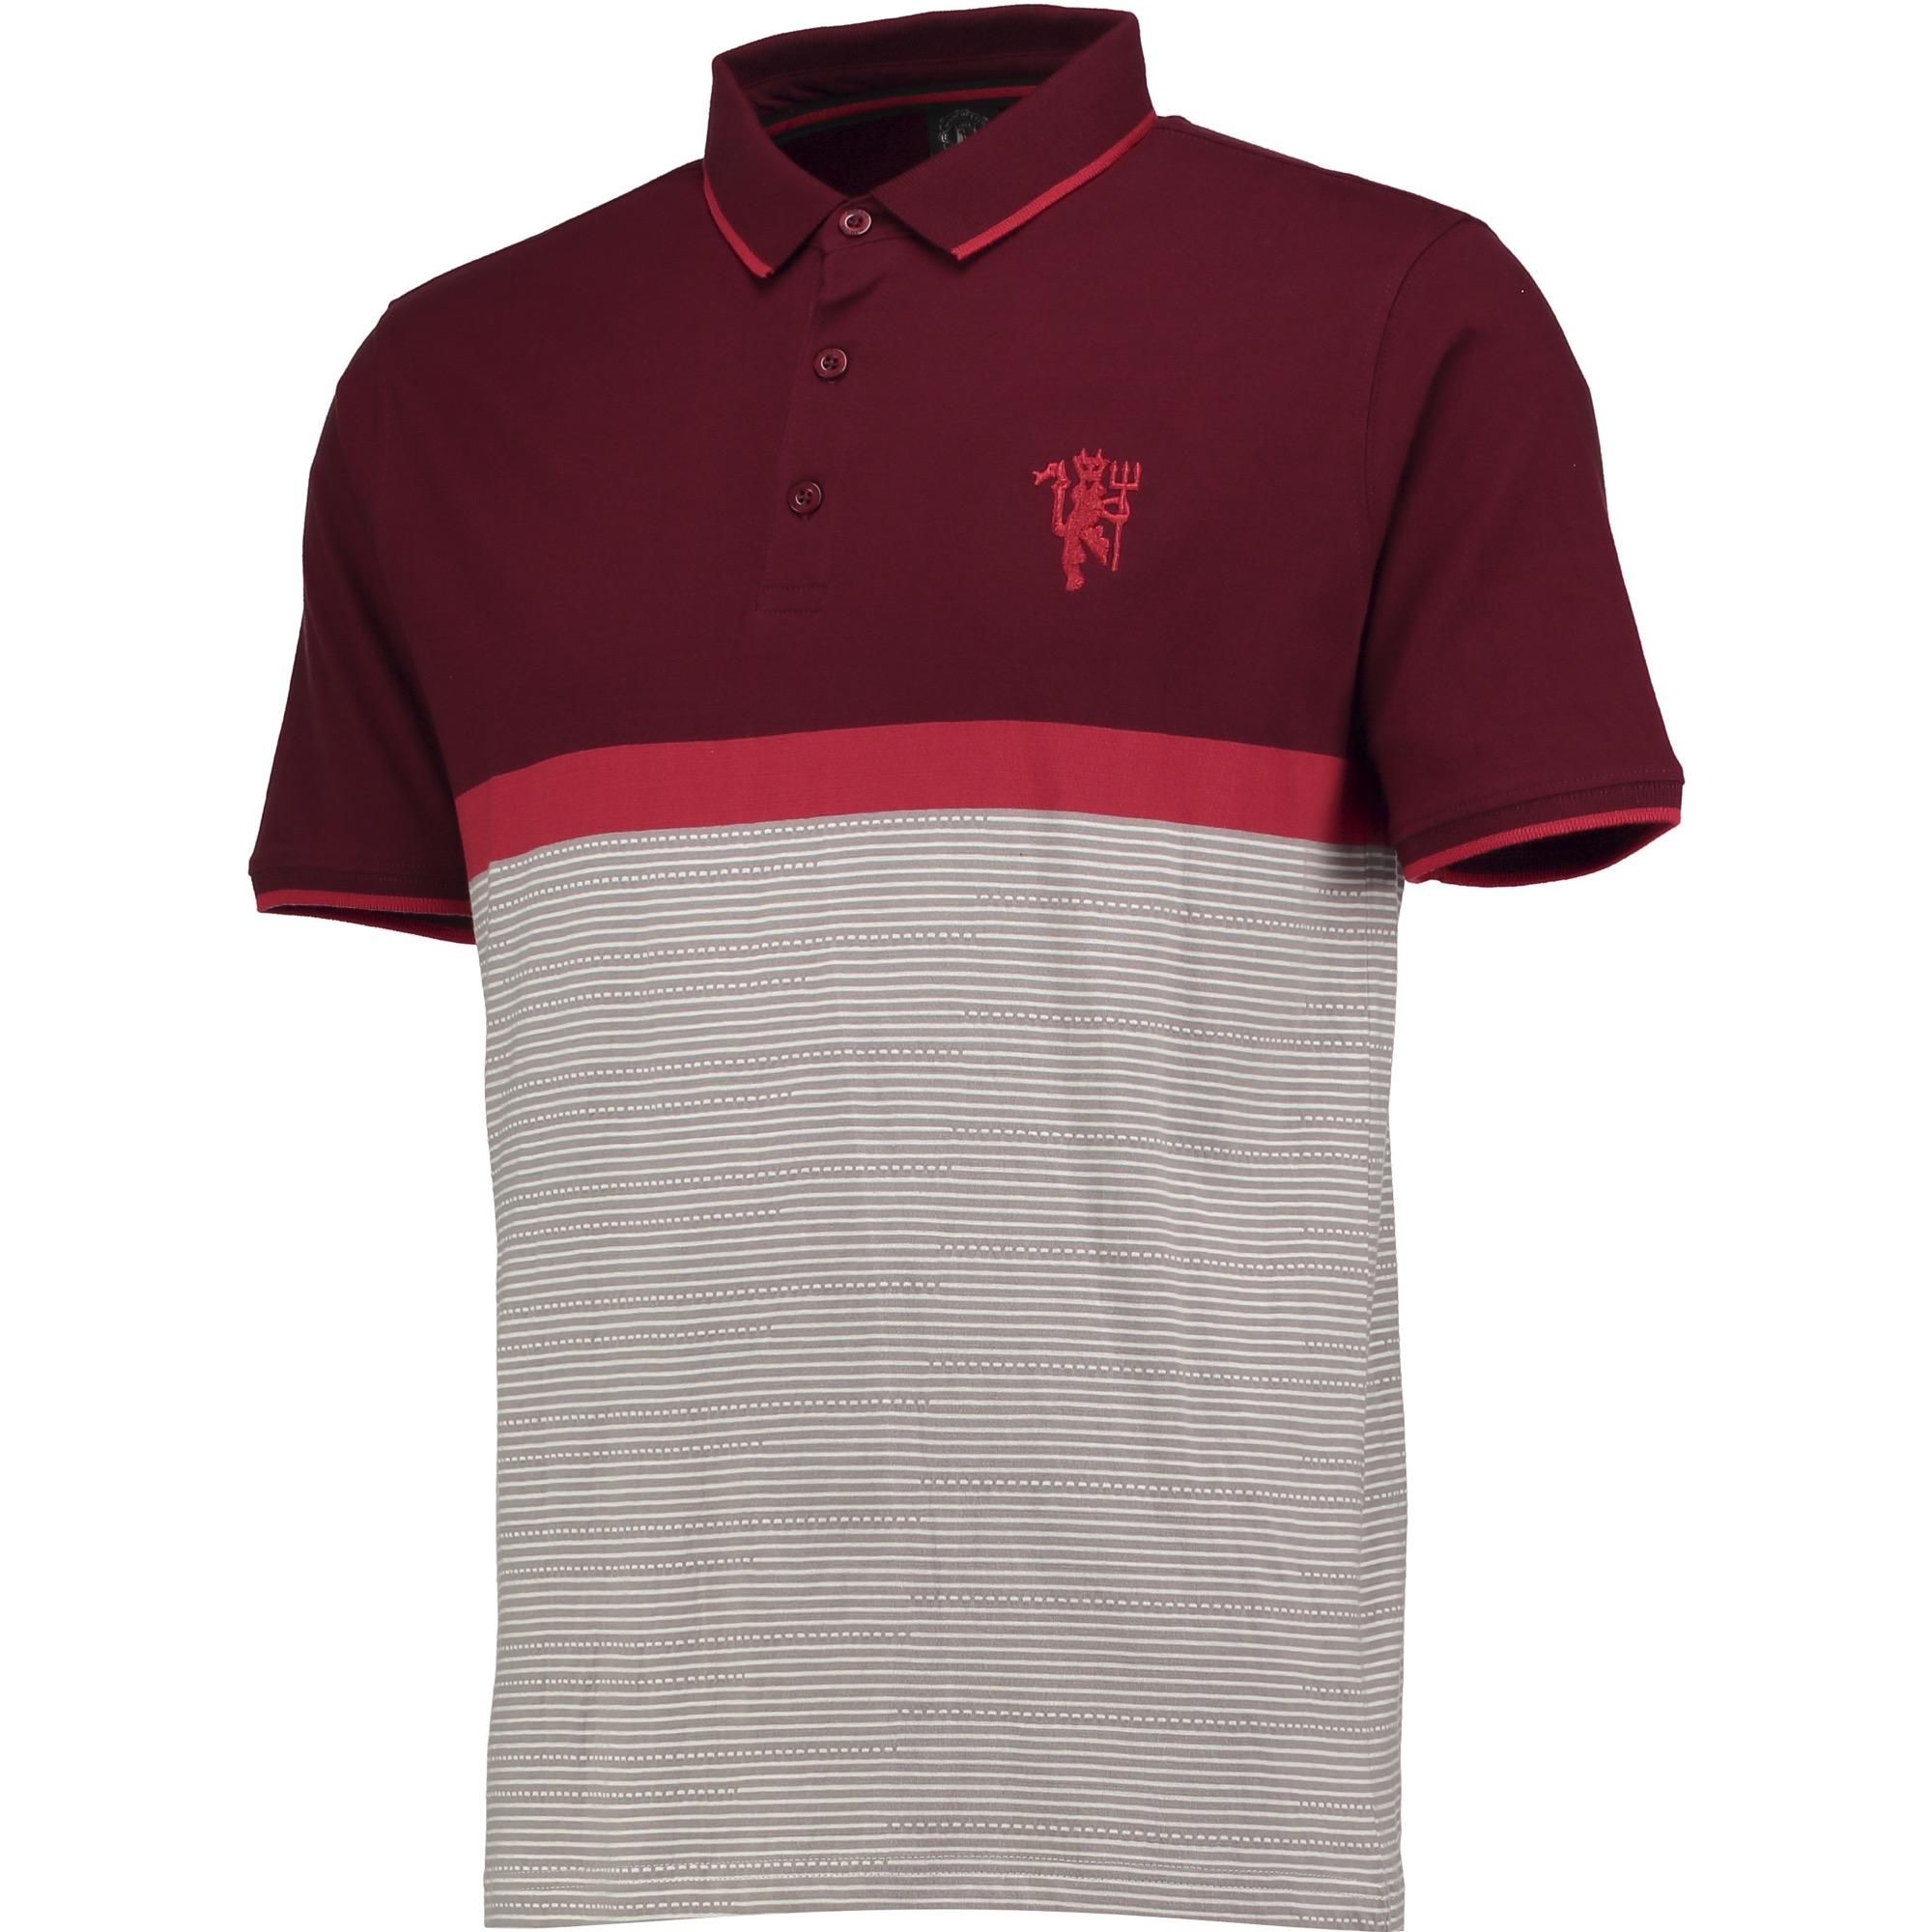 Polo à couleurs contrastées Manchester United Vintage - Bordeaux/Grège - Homme